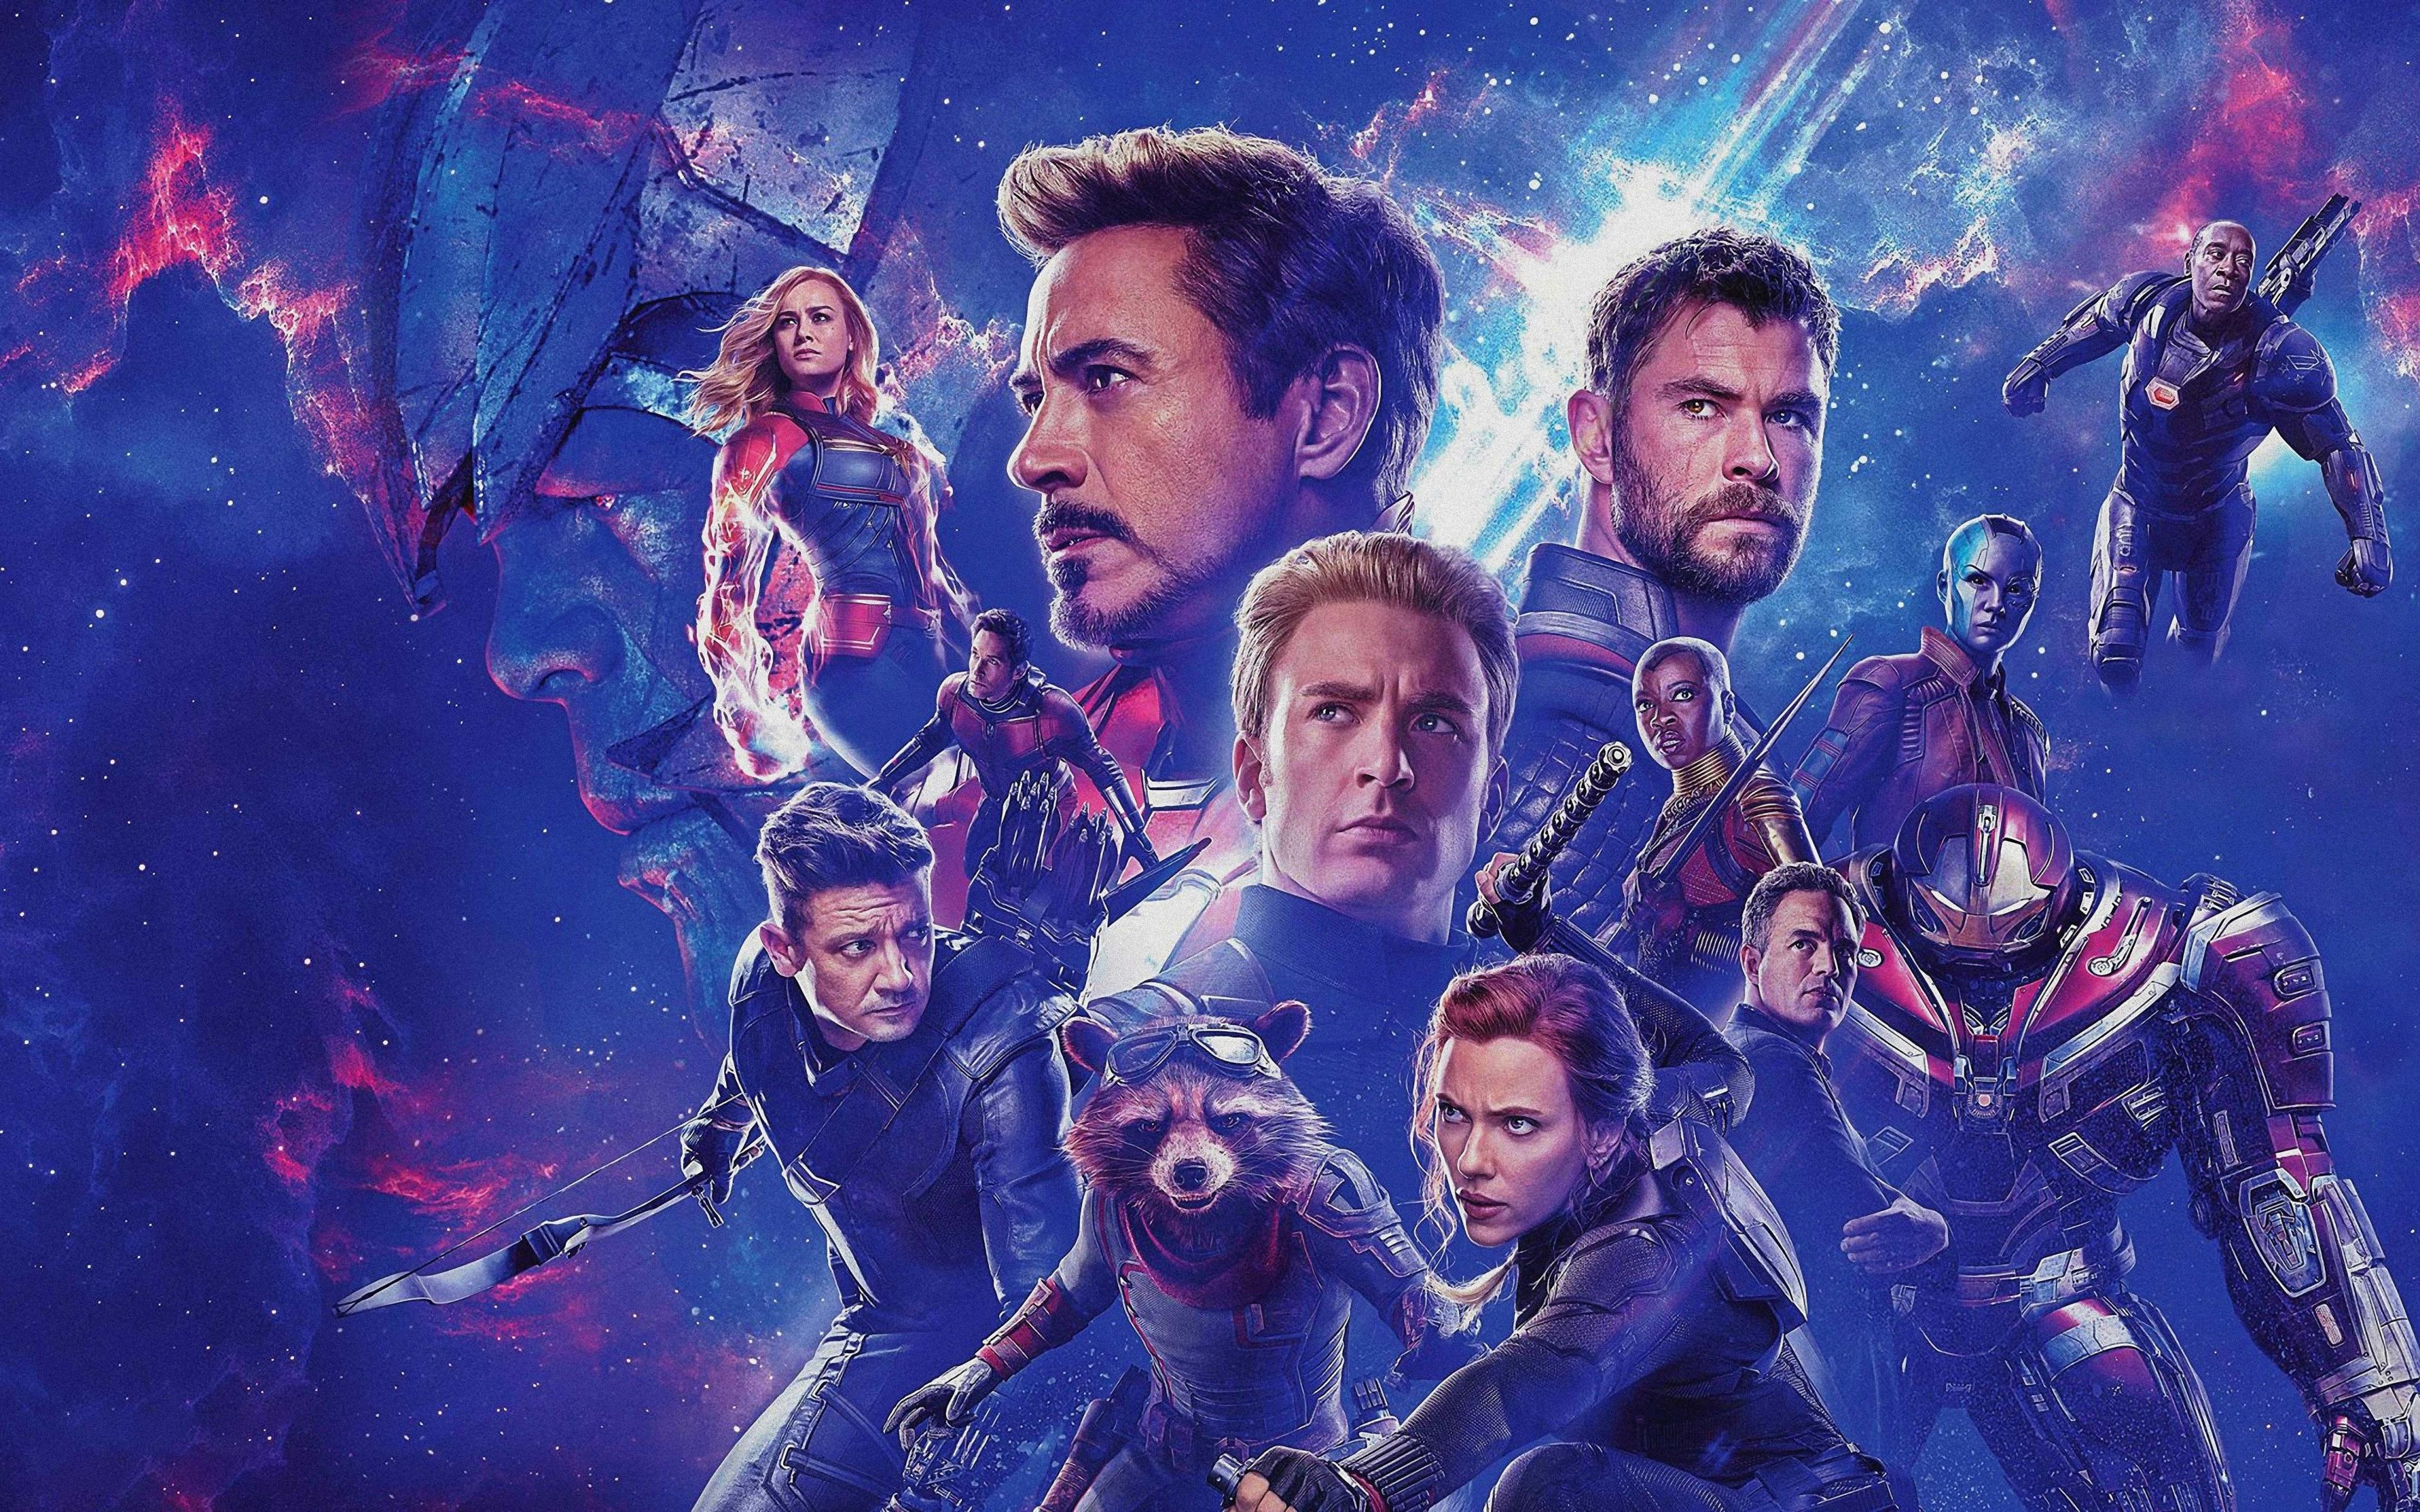 3840x2400 8K Avengers Endgame 4K 3840x2400 Resolution Background ...